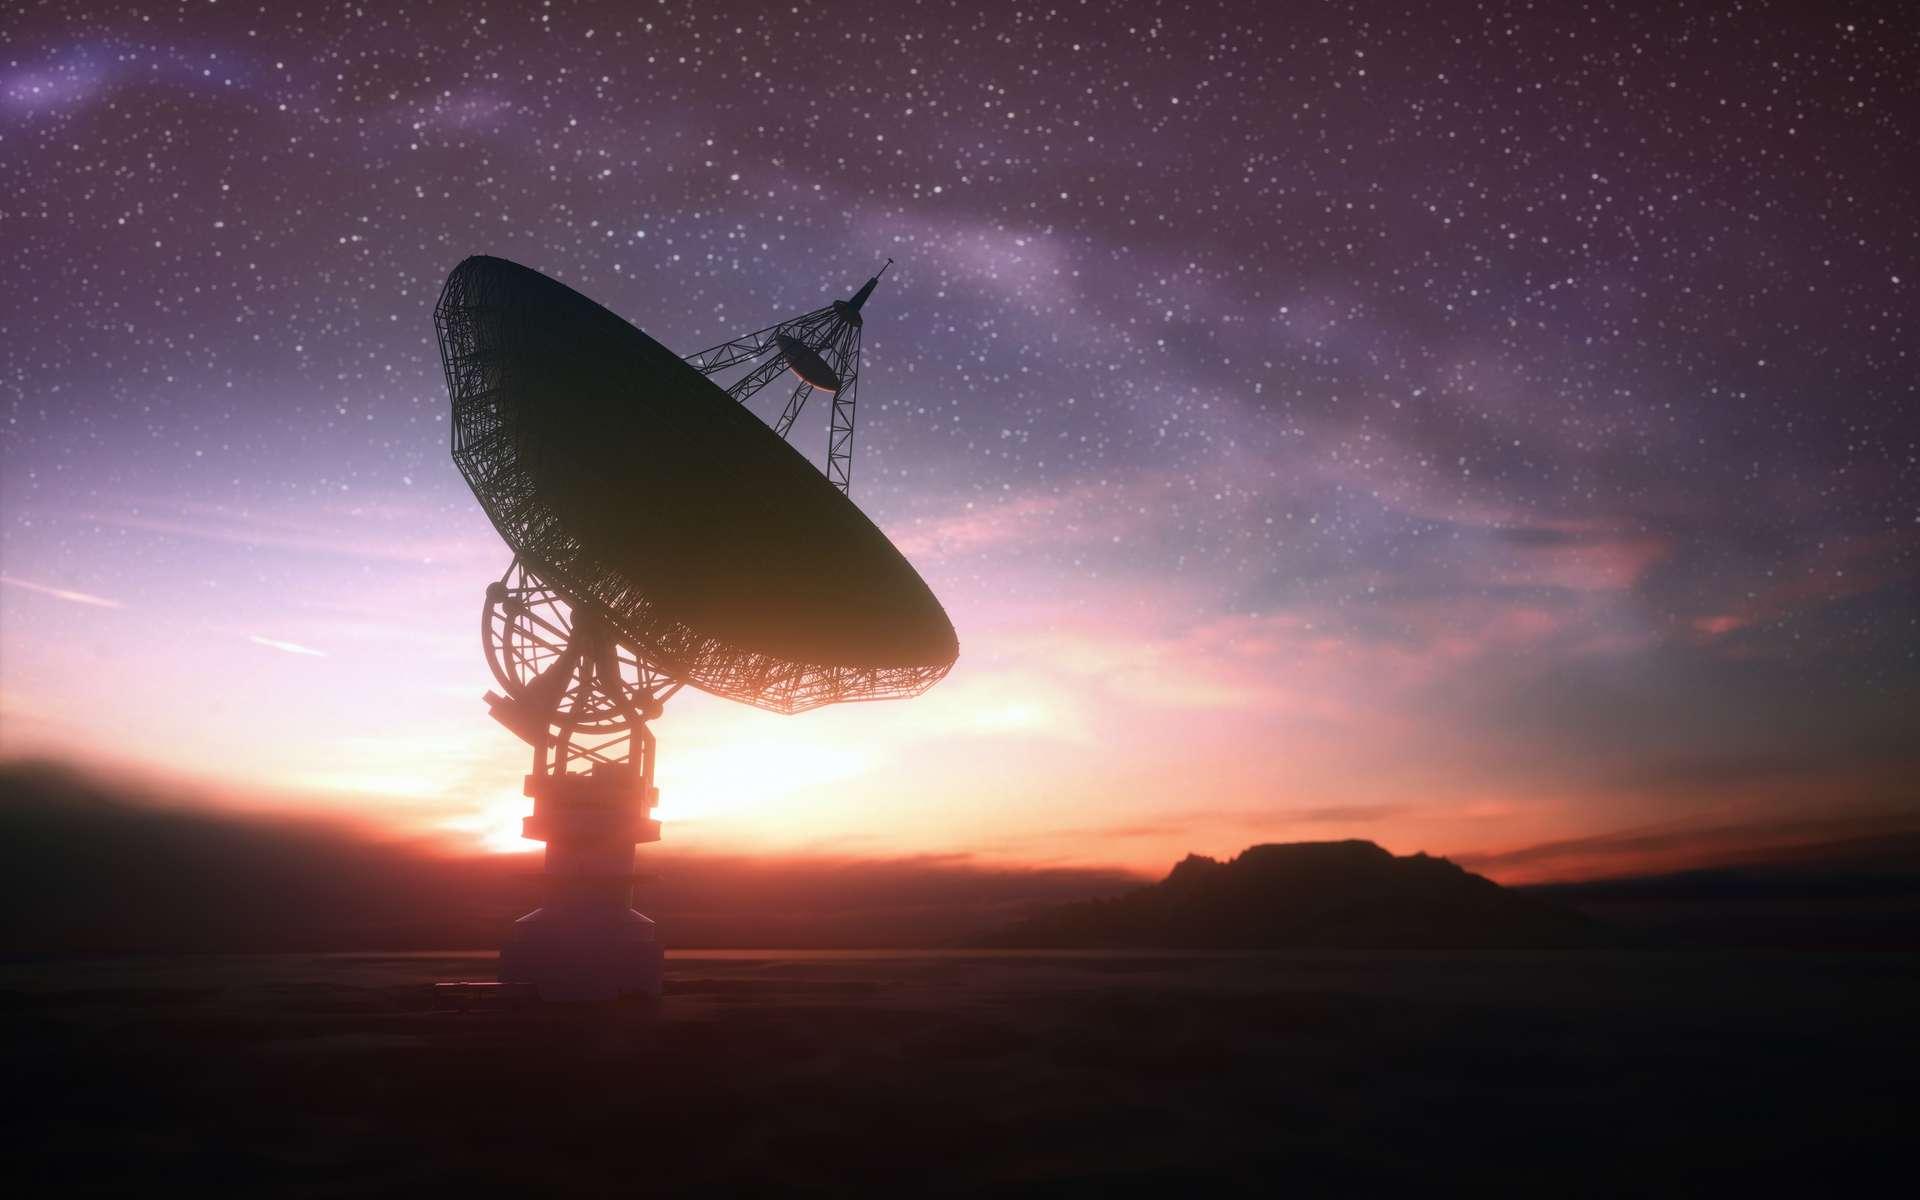 Le Karl G. Jansky Very Large Array ou plus couramment le Very Large Array (VLA) -- en français, le très grand réseau -- est un réseau de 27 antennes paraboliques mobiles de 25 mètres de diamètre chacune situé au Nouveau-Mexique, États-Unis. Elles sont disposées en Y (deux axes de 21 km et un de 19 km) et leurs données combinées offrent la résolution d'un radiotélescope géant de 36 kilomètres de diamètre. Début 2020, l'Institut Seti et l'Observatoire national de radioastronomie (NRAO) ont annoncé une collaboration pour utiliser le Very Large Array ( VLA) pour la première fois. Grâce à une nouvelle interface Ethernet économique, il sera possible d'utiliser le VLA pour rechercher des technosignatures 24 heures sur 24 - 7 jours sur 7, ainsi que pour explorer d'autres phénomènes astrophysiques naturels de manière novatrice. Le nouveau système s'appelle le Commensal Open-Source Multimode Interferometer Cluster Search for Extraterrestrial Intelligence (COSMIC SETI). © ktsdesign, Adobe Stock